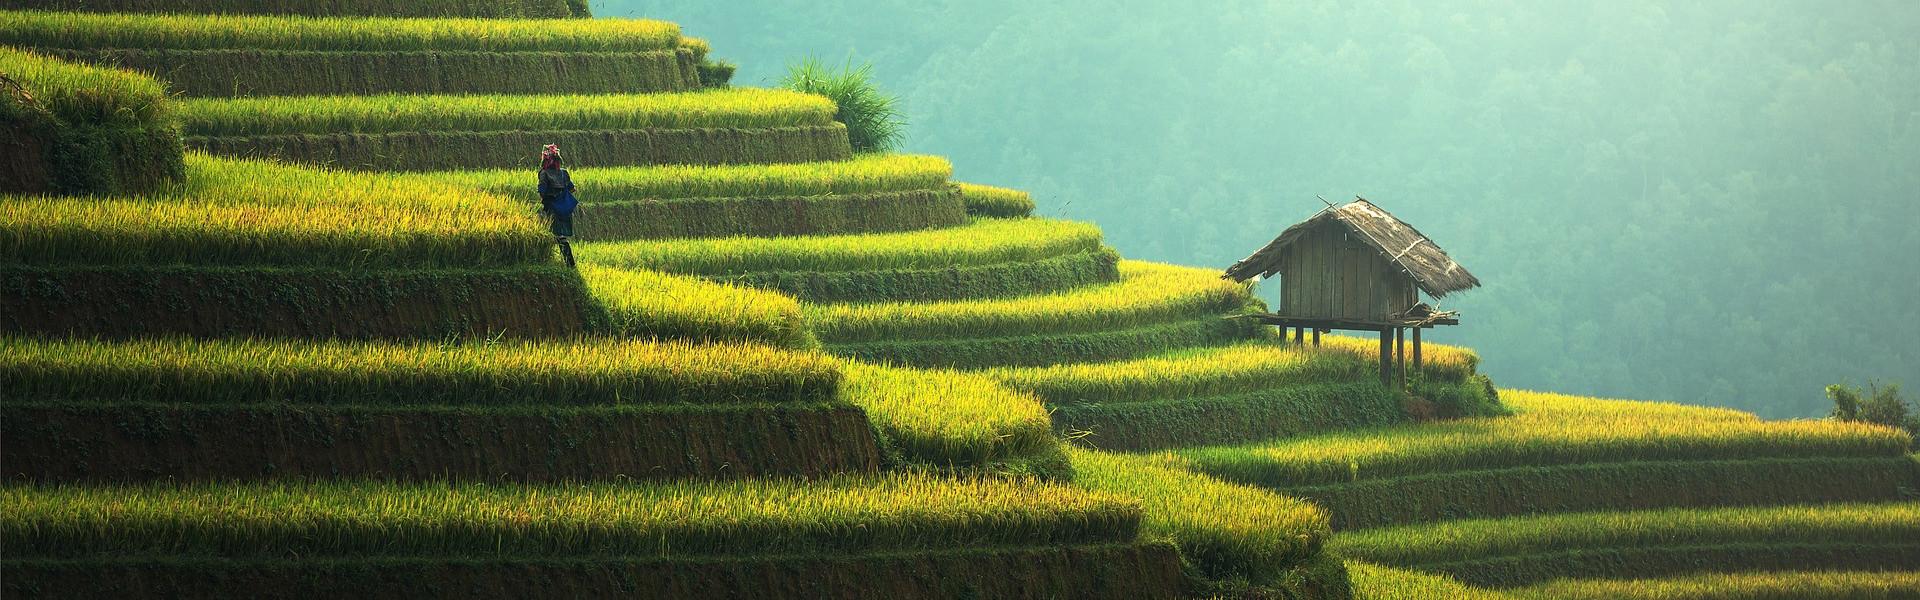 Destination image of Asie du Sud-Est